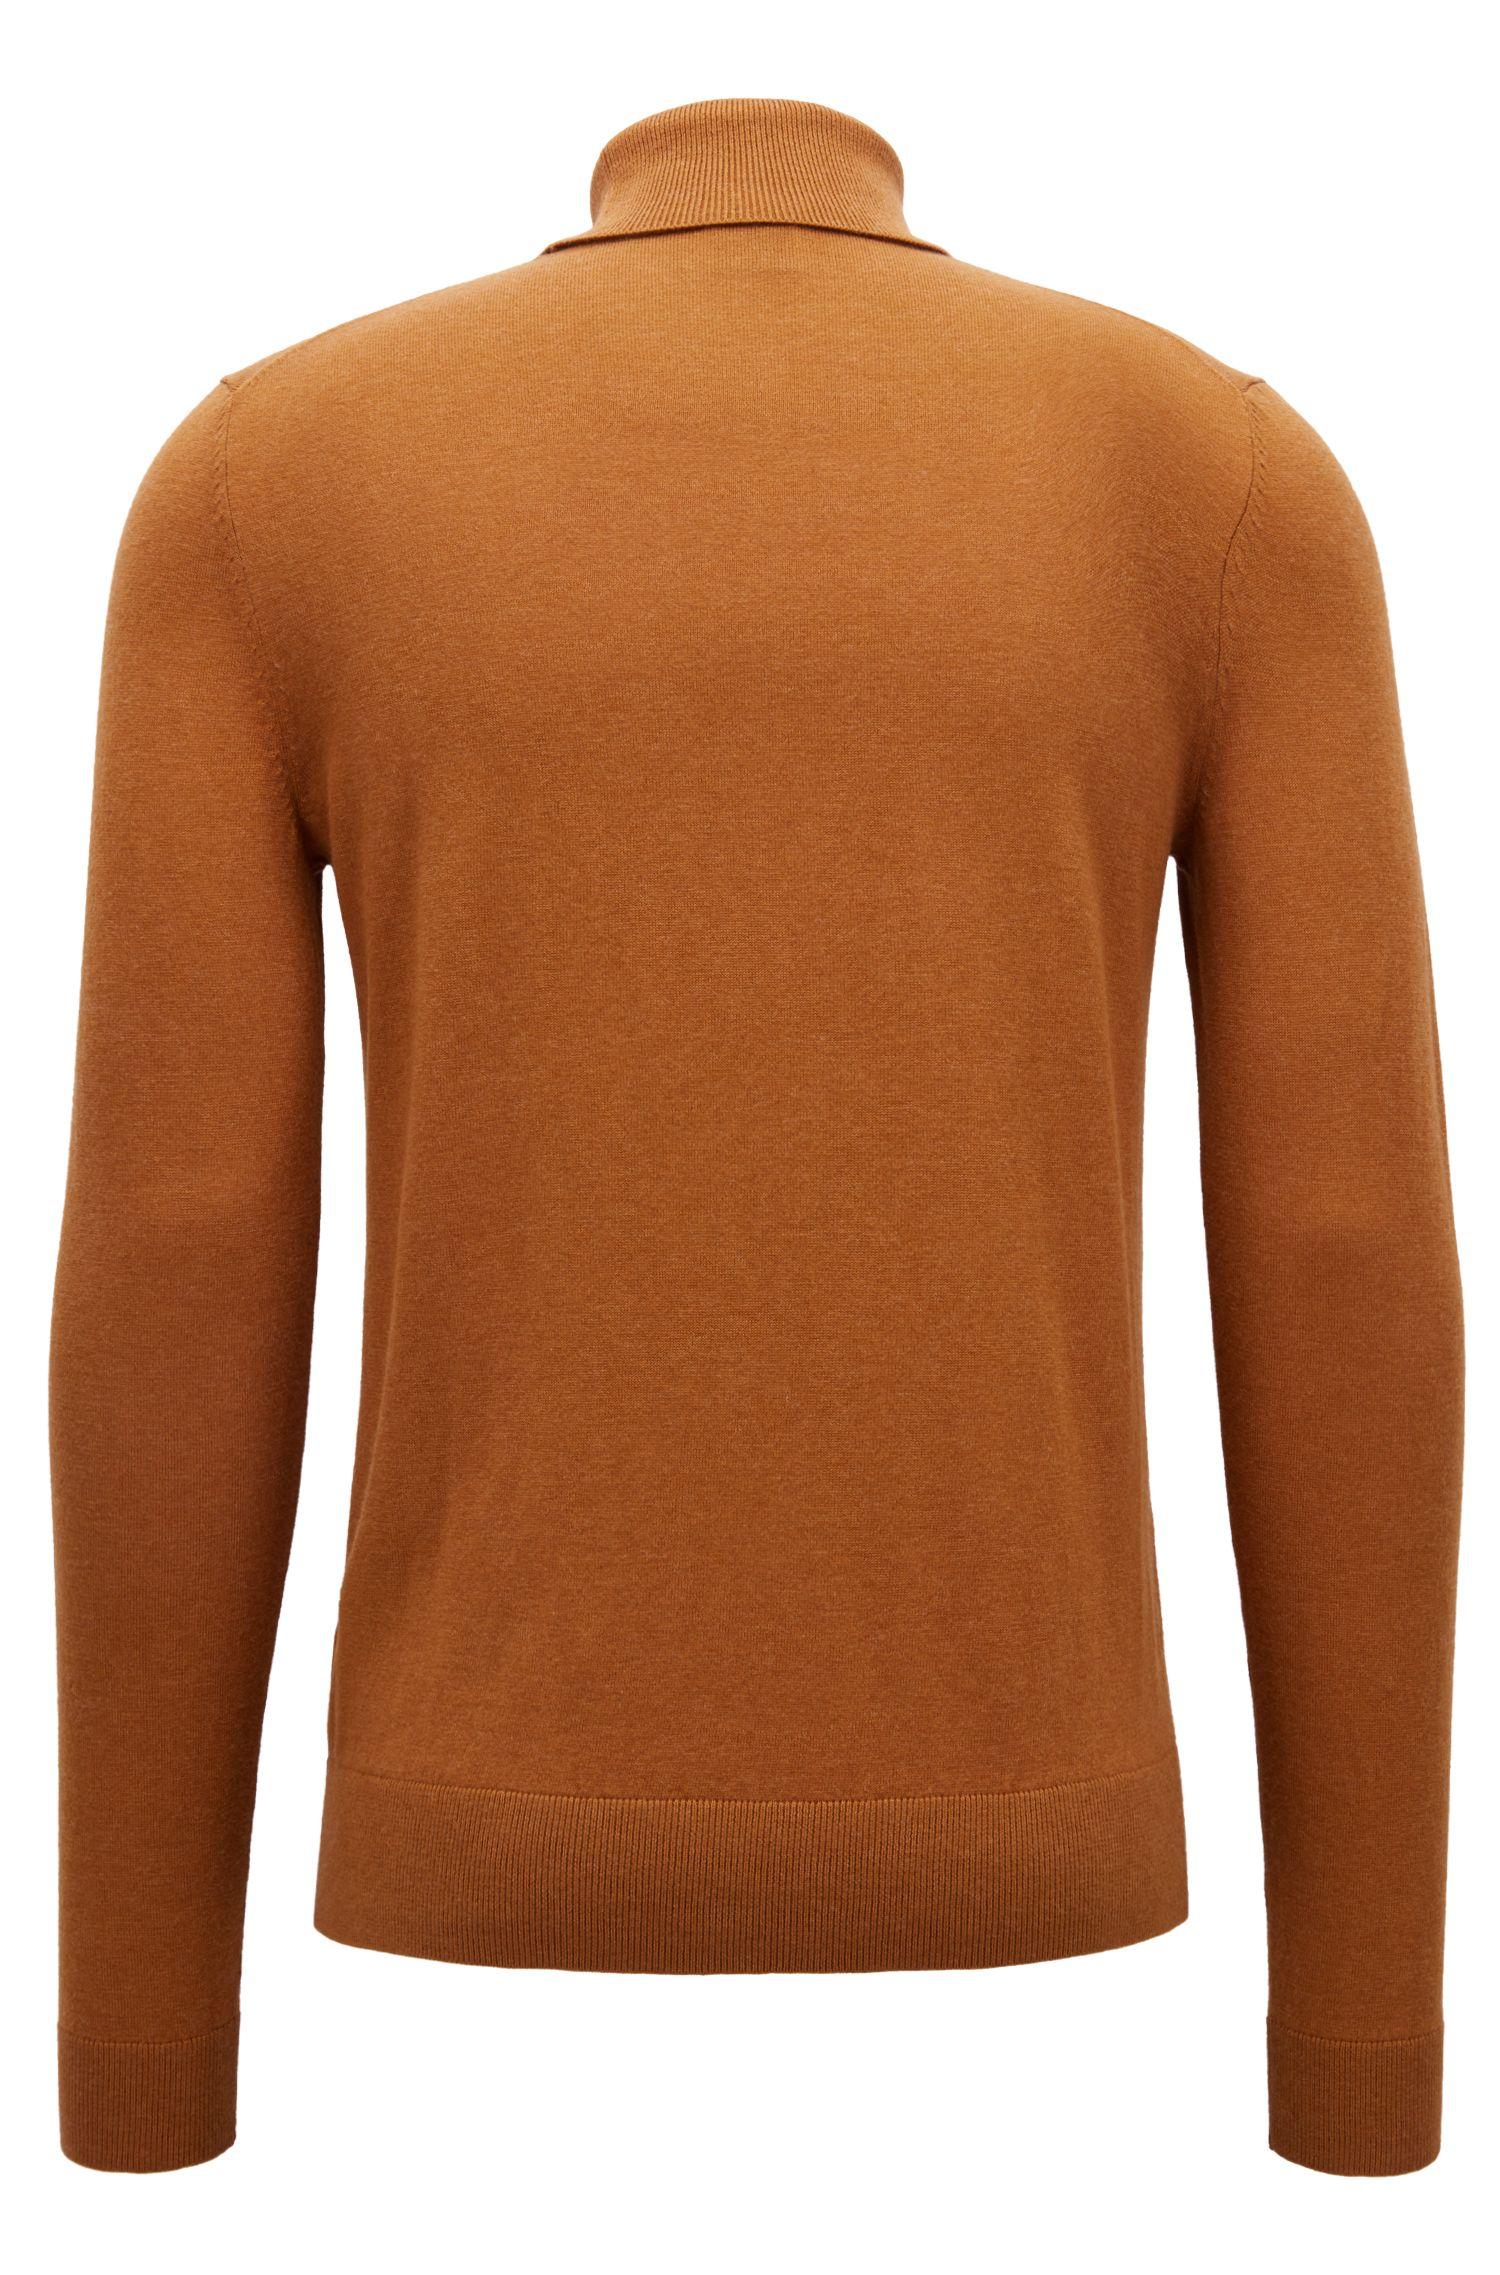 Feinstrick-Pullover aus Baumwoll-Mix mit Rollkragen, Braun